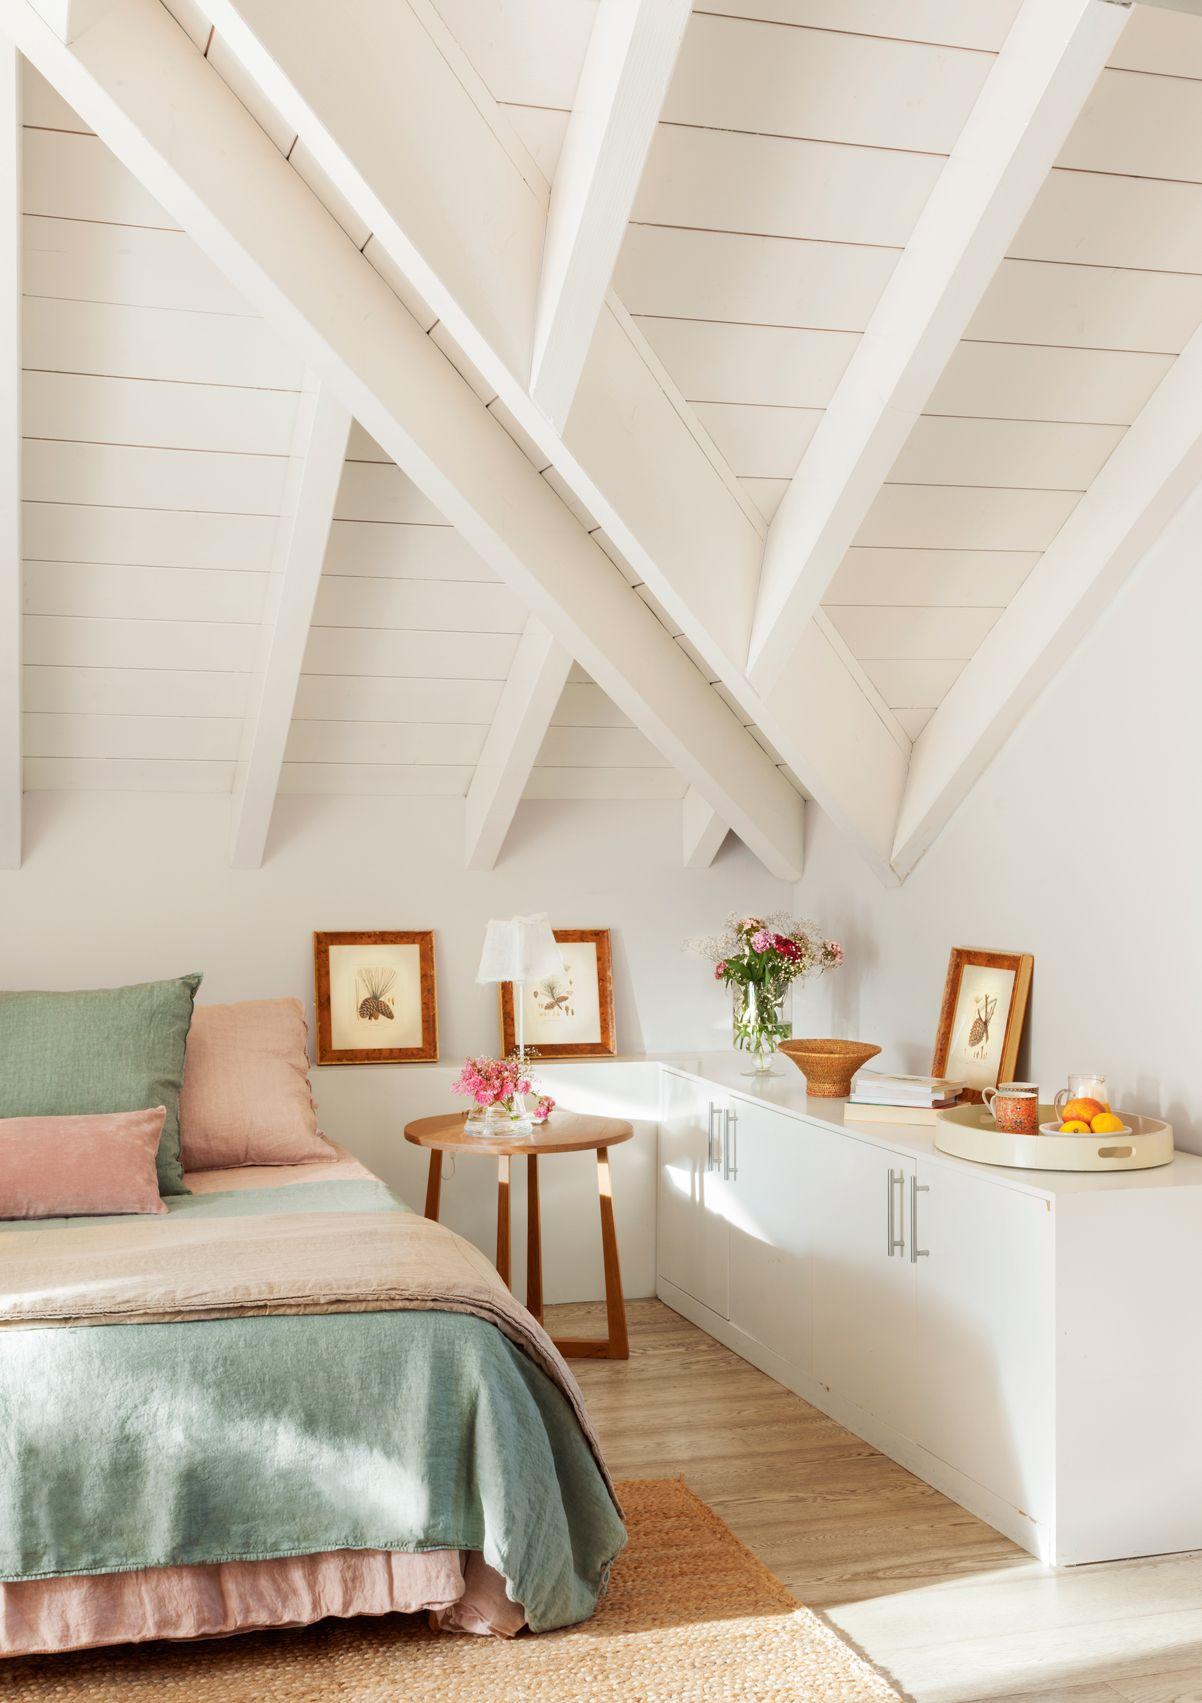 Muebles Buardilla - Dormitorio En Buhardilla Con Envigado Blanco Mueble Bajo Cuadros [mjhdah]http://www.elmueble.com/medio/2013/01/03/dormitorio_infantil_en_buhardilla_con_pufs_1016x1280.jpg